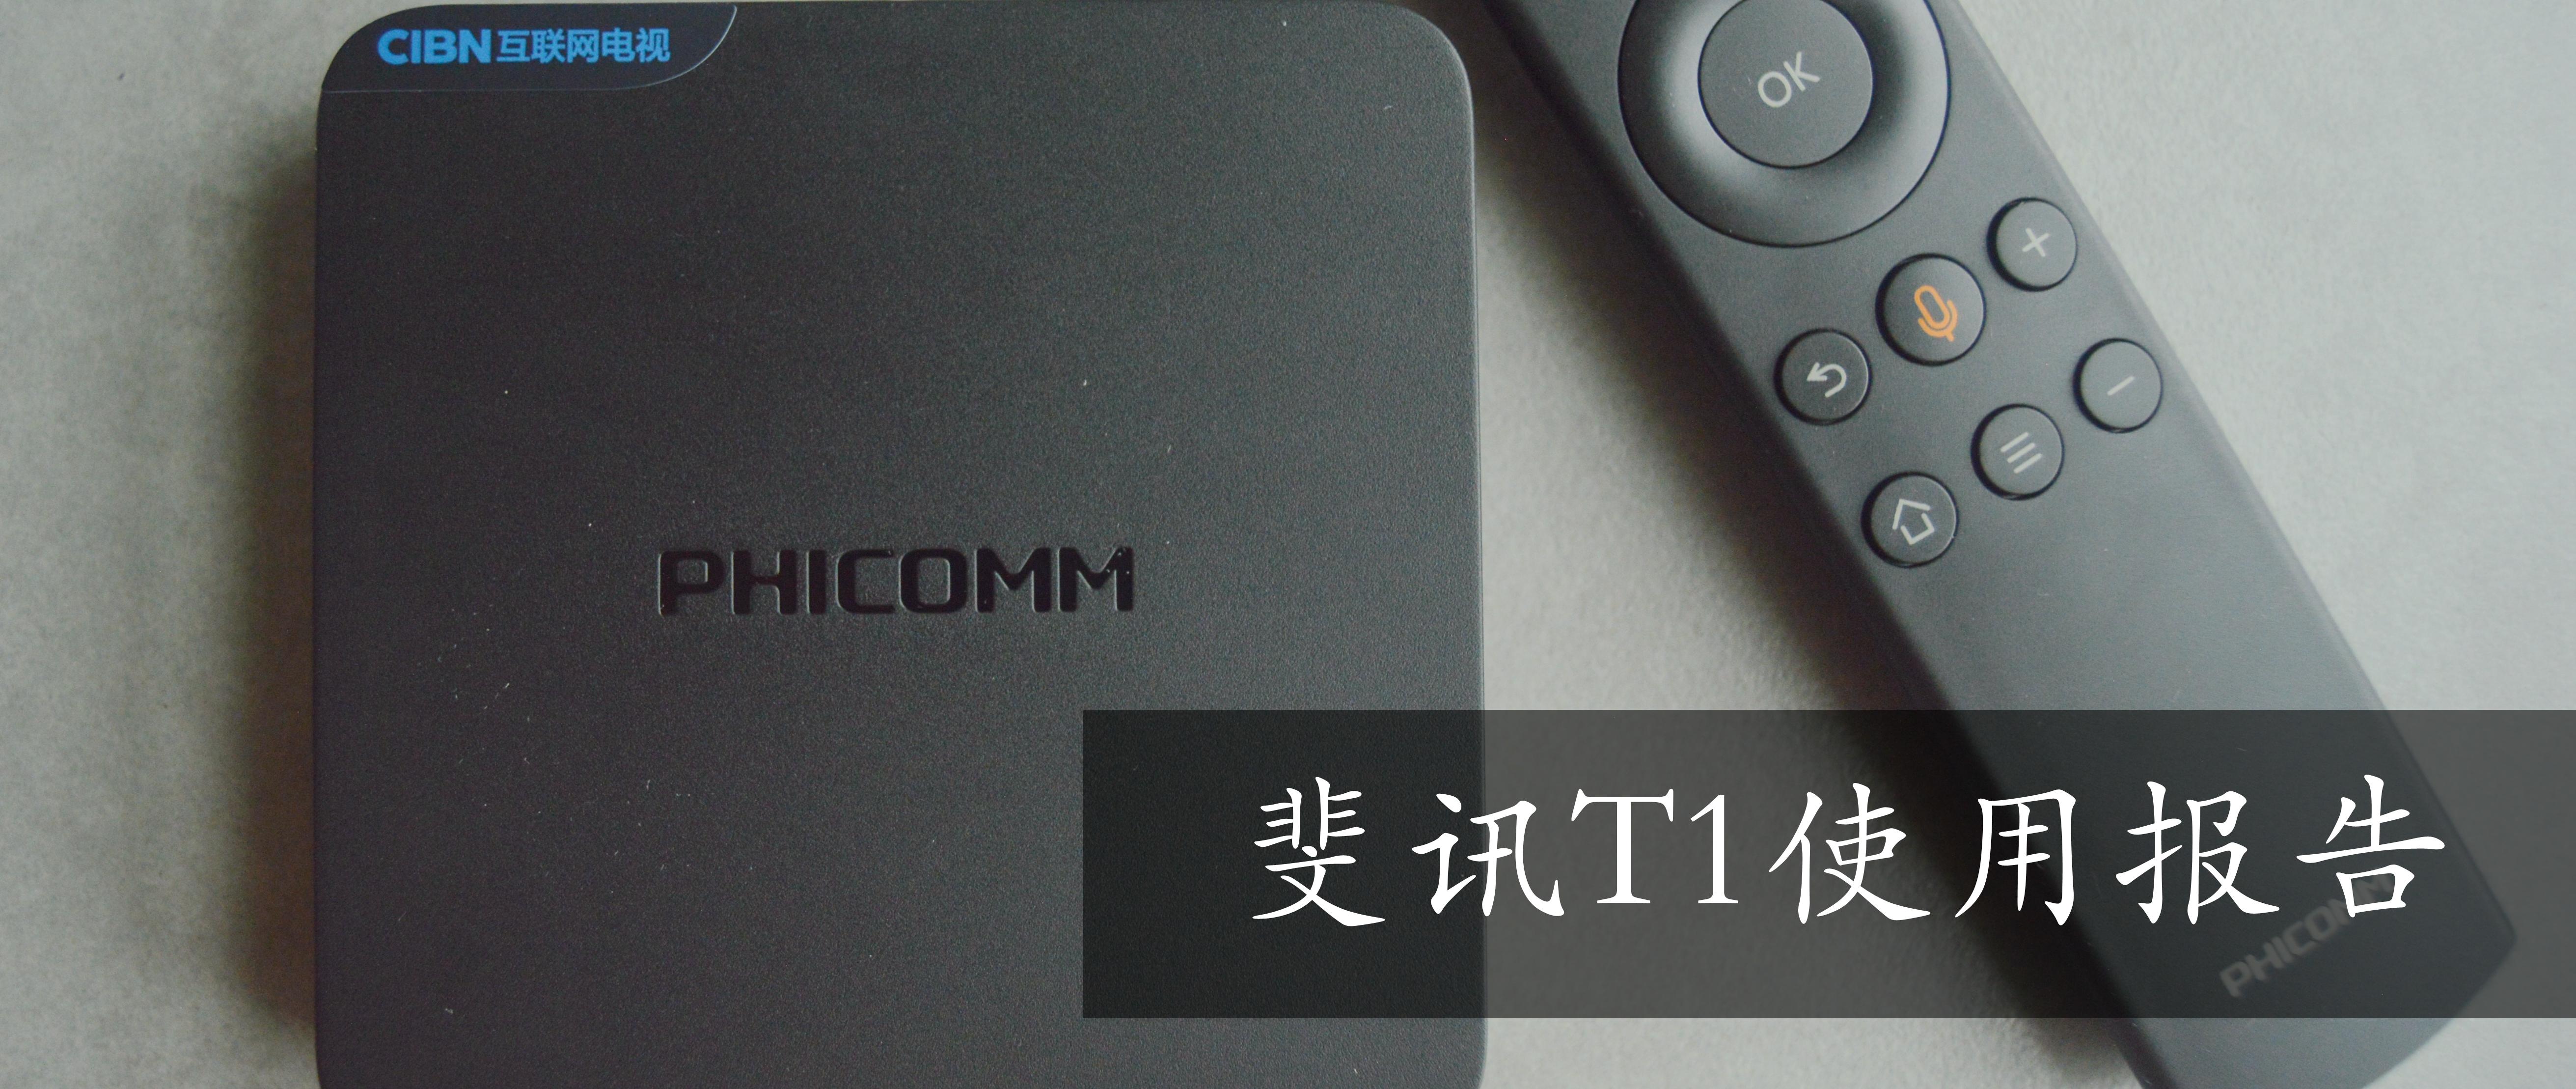 硬件够用、语音好用——斐讯T1电视盒子使用简评